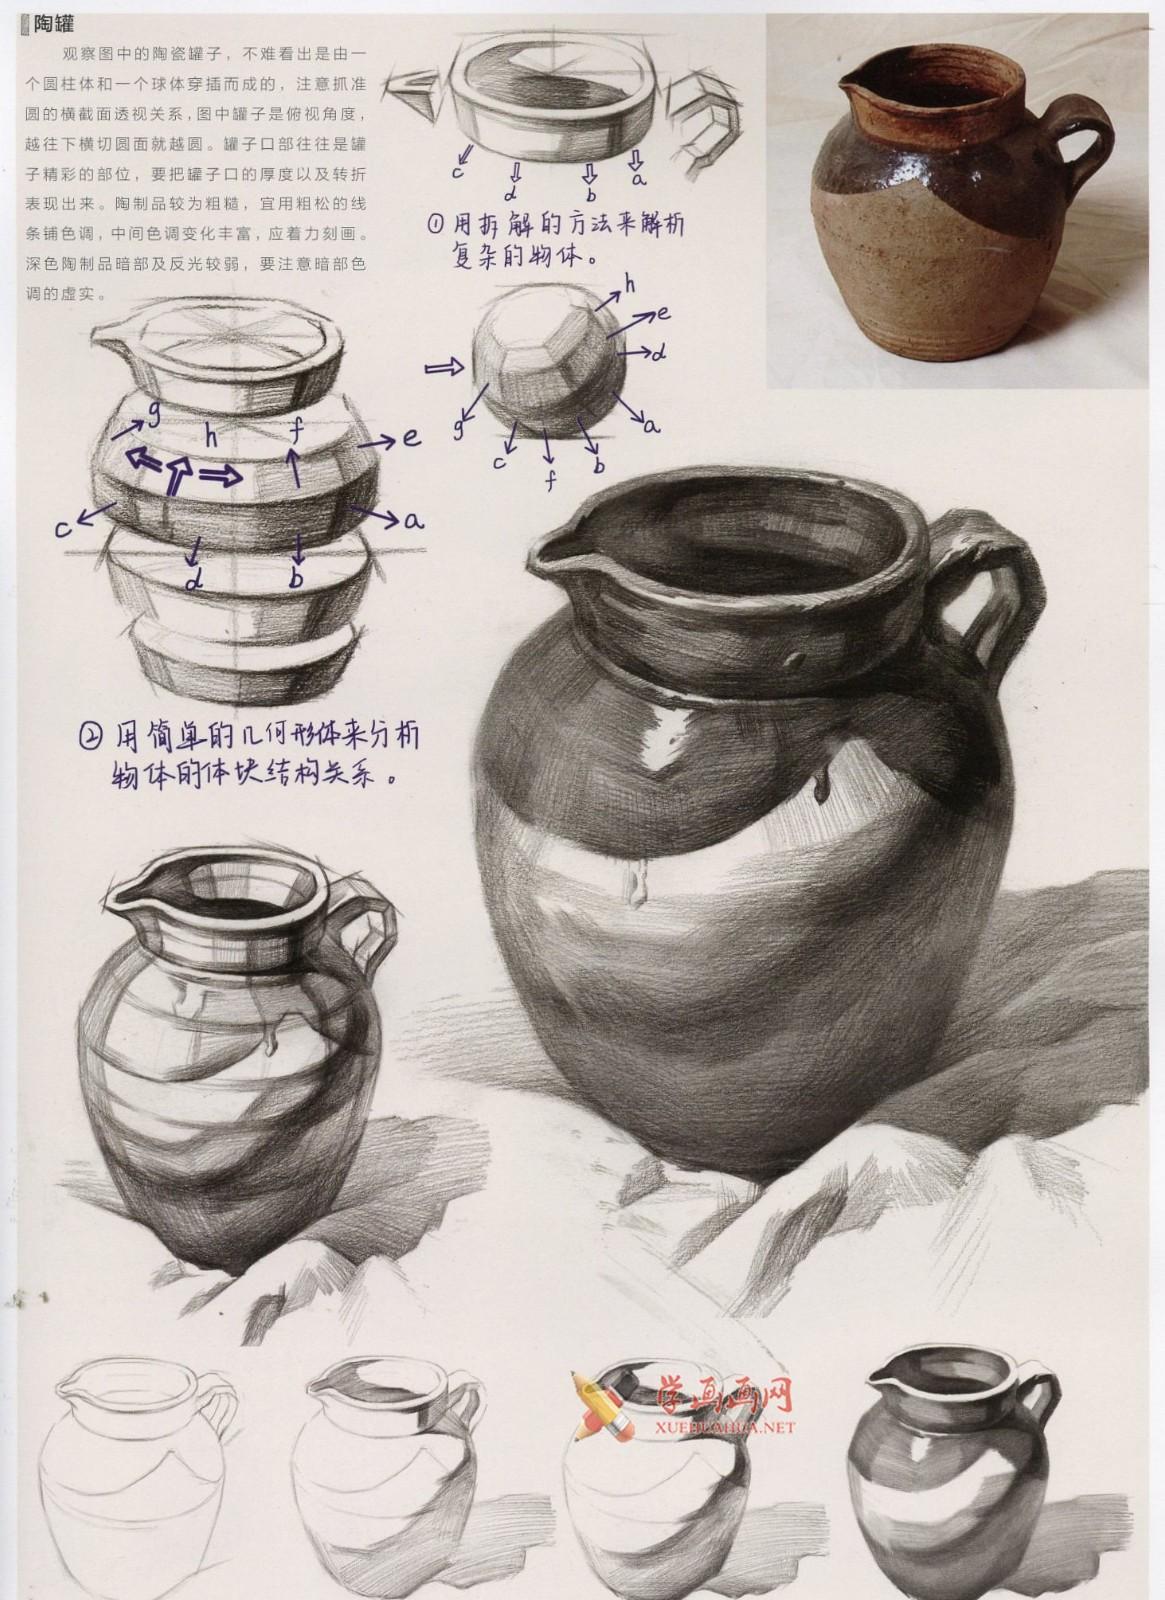 素描陶罐、陶瓷类静物画法图解及临摹范画图片(4)